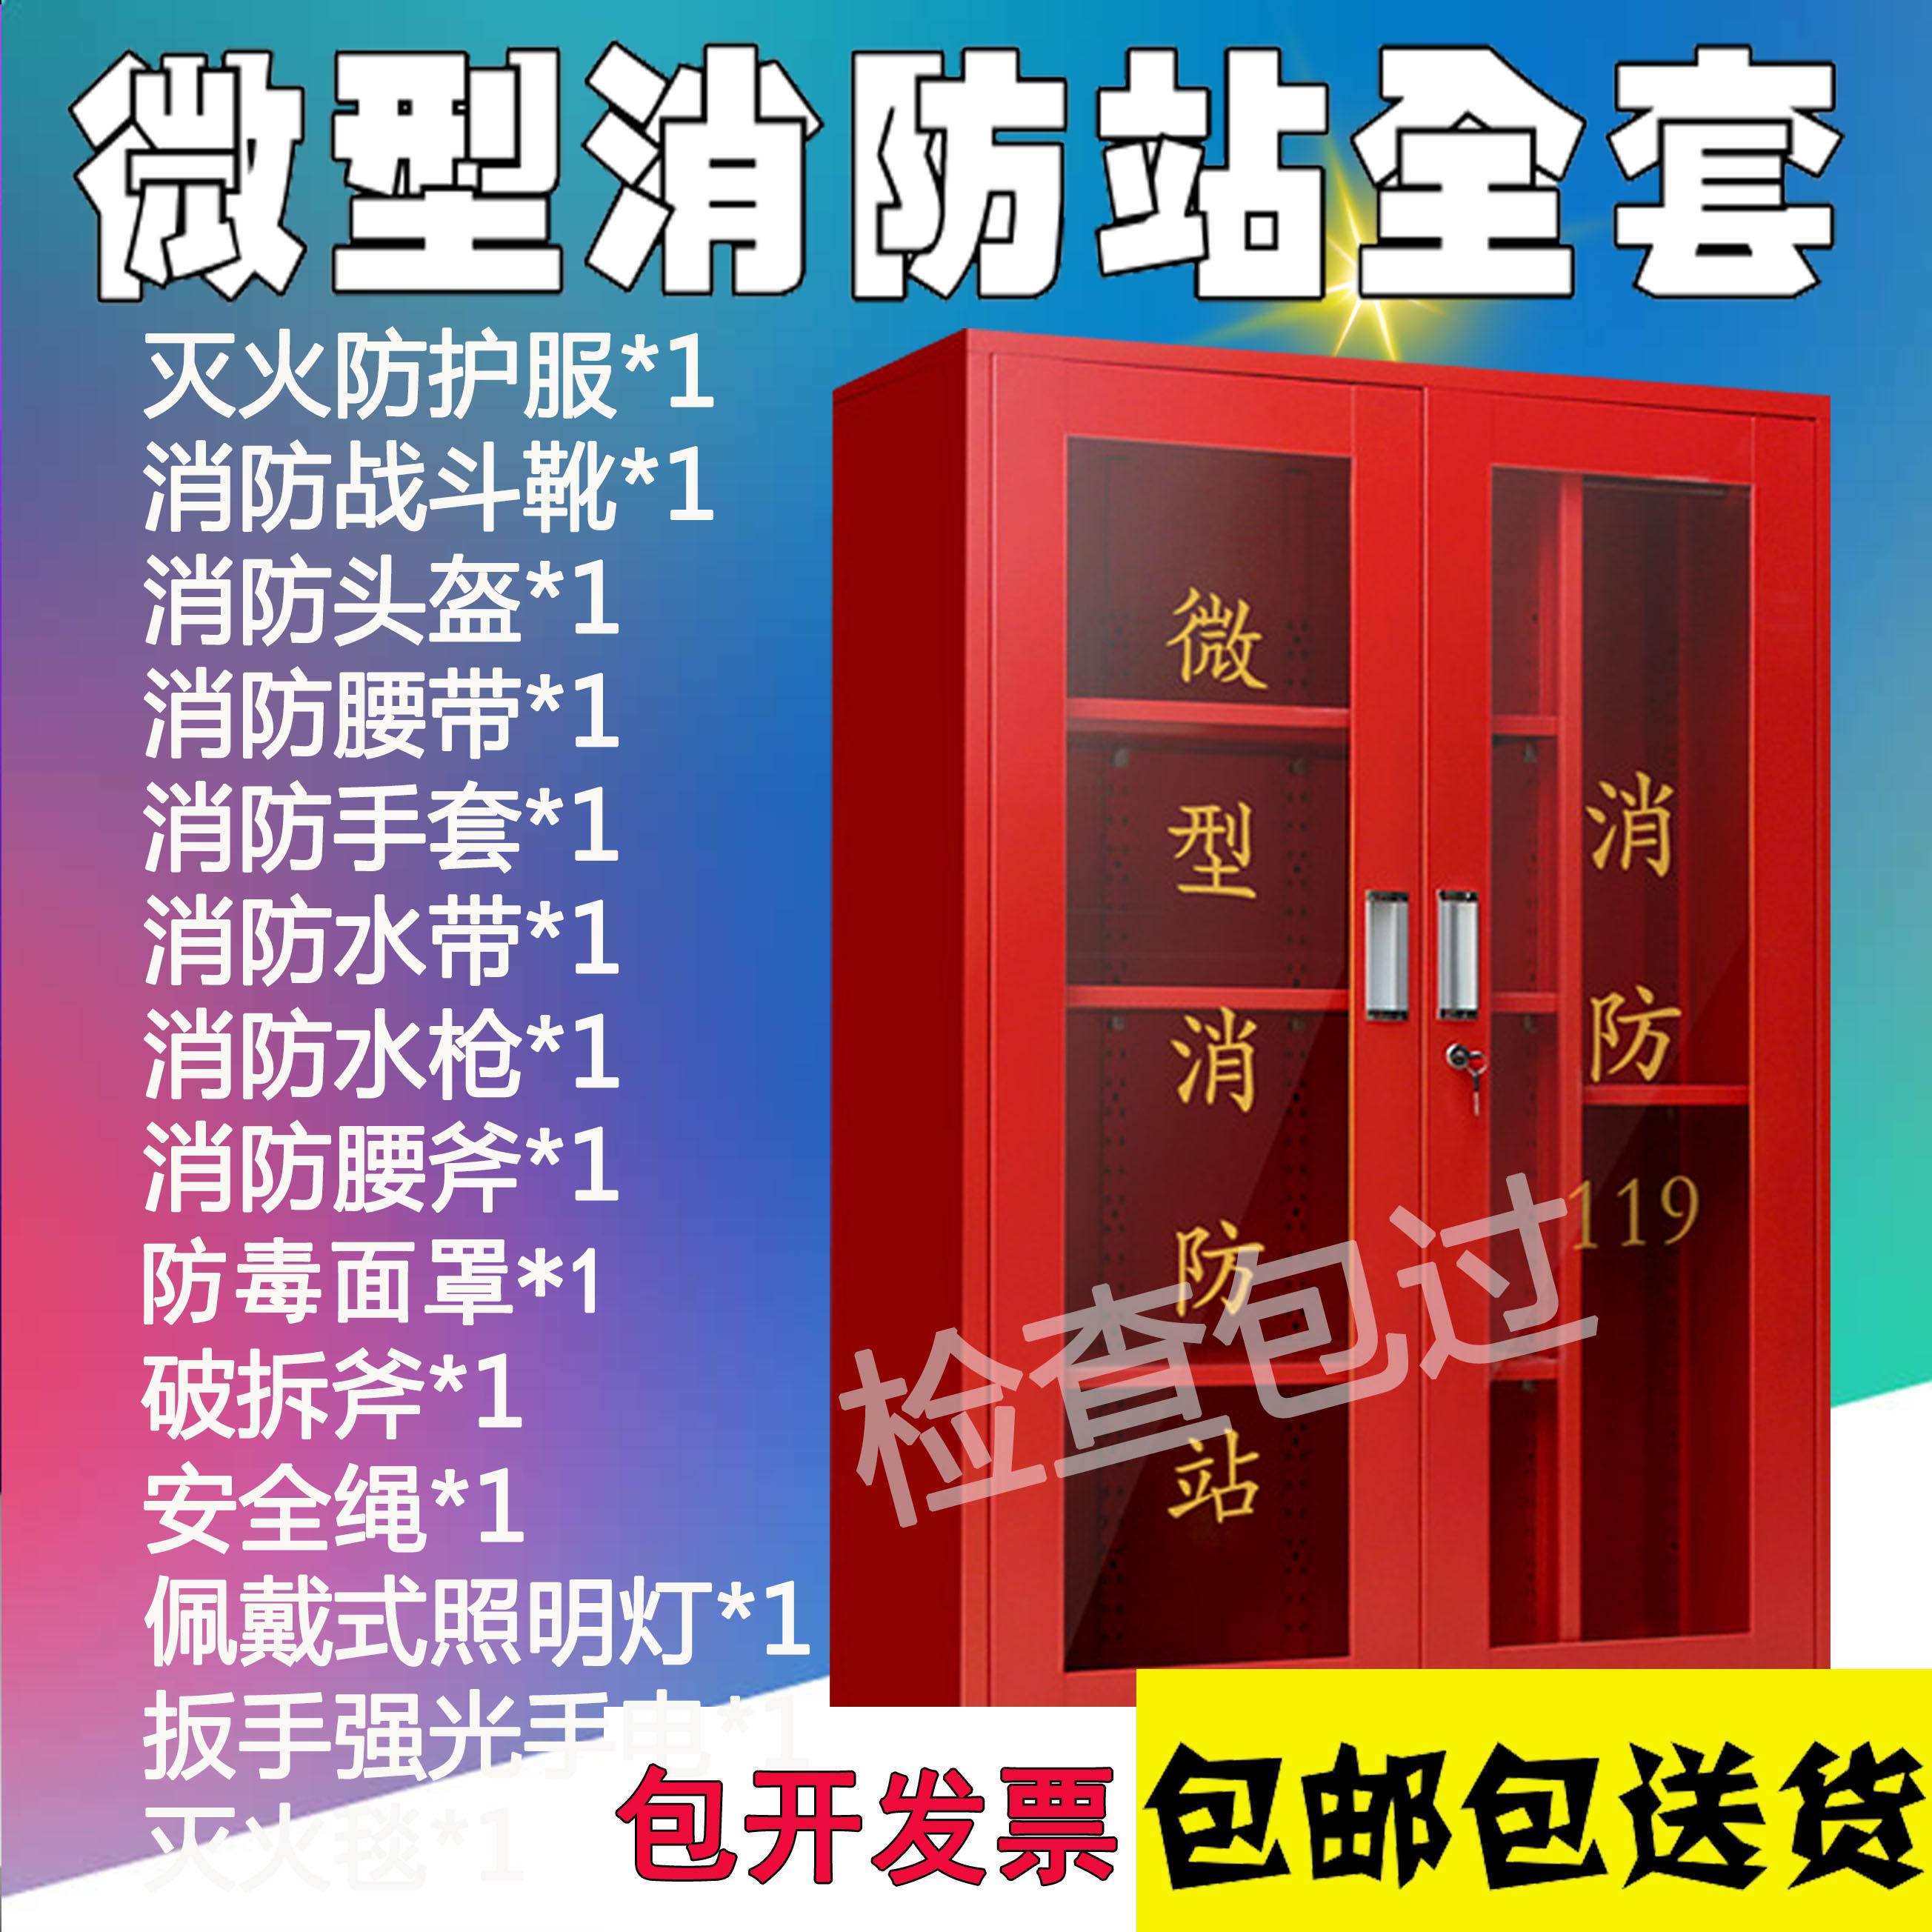 消防柜微型消防站消防器材工具柜全套应急柜放置柜灭火器箱展示柜